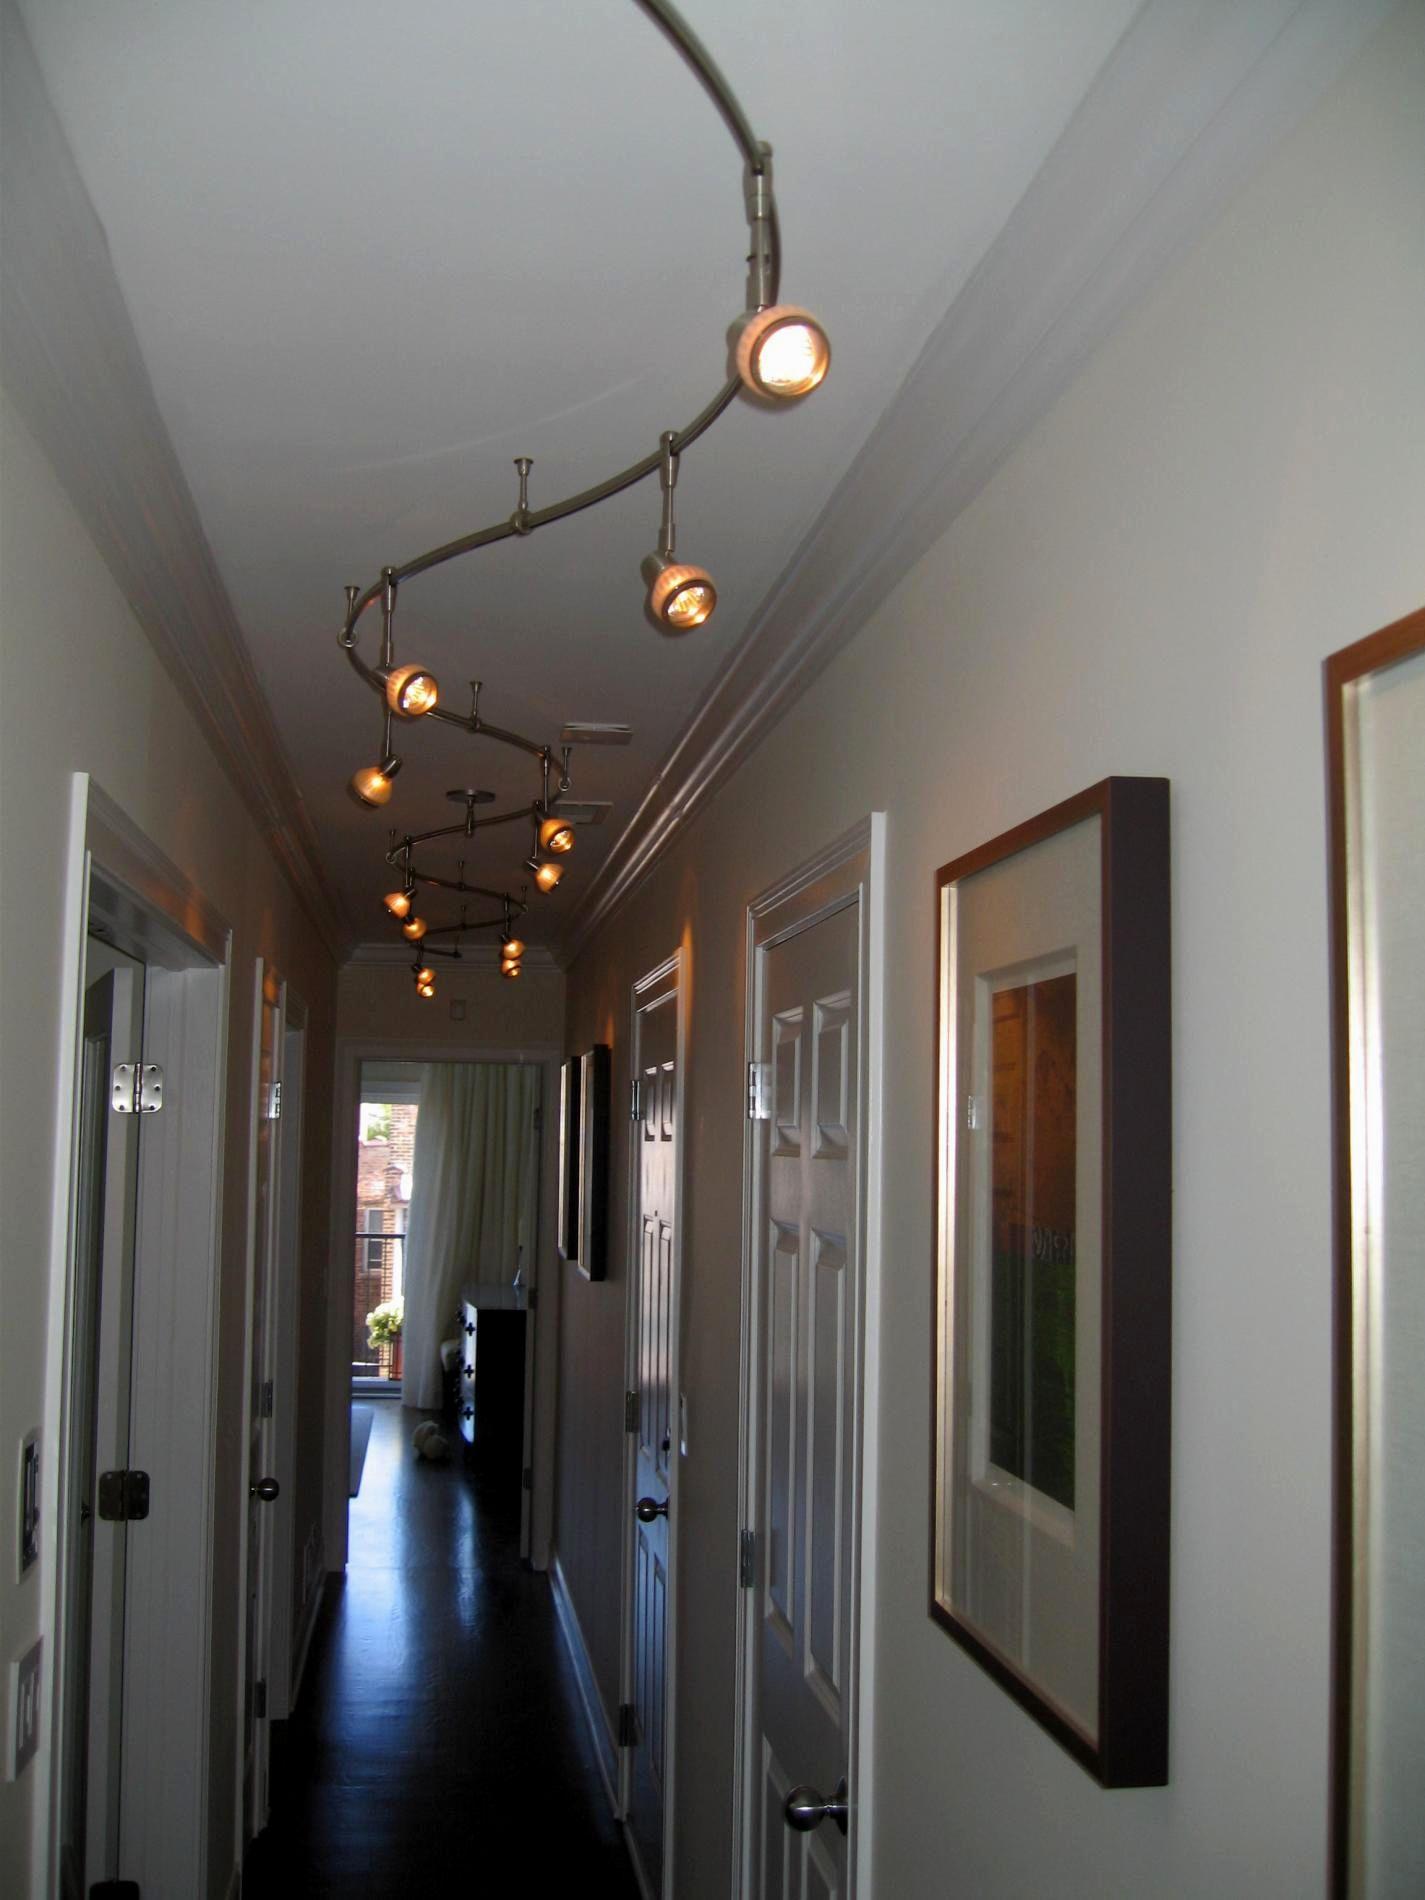 elegant bathroom fan light ideas-Stylish Bathroom Fan Light Model